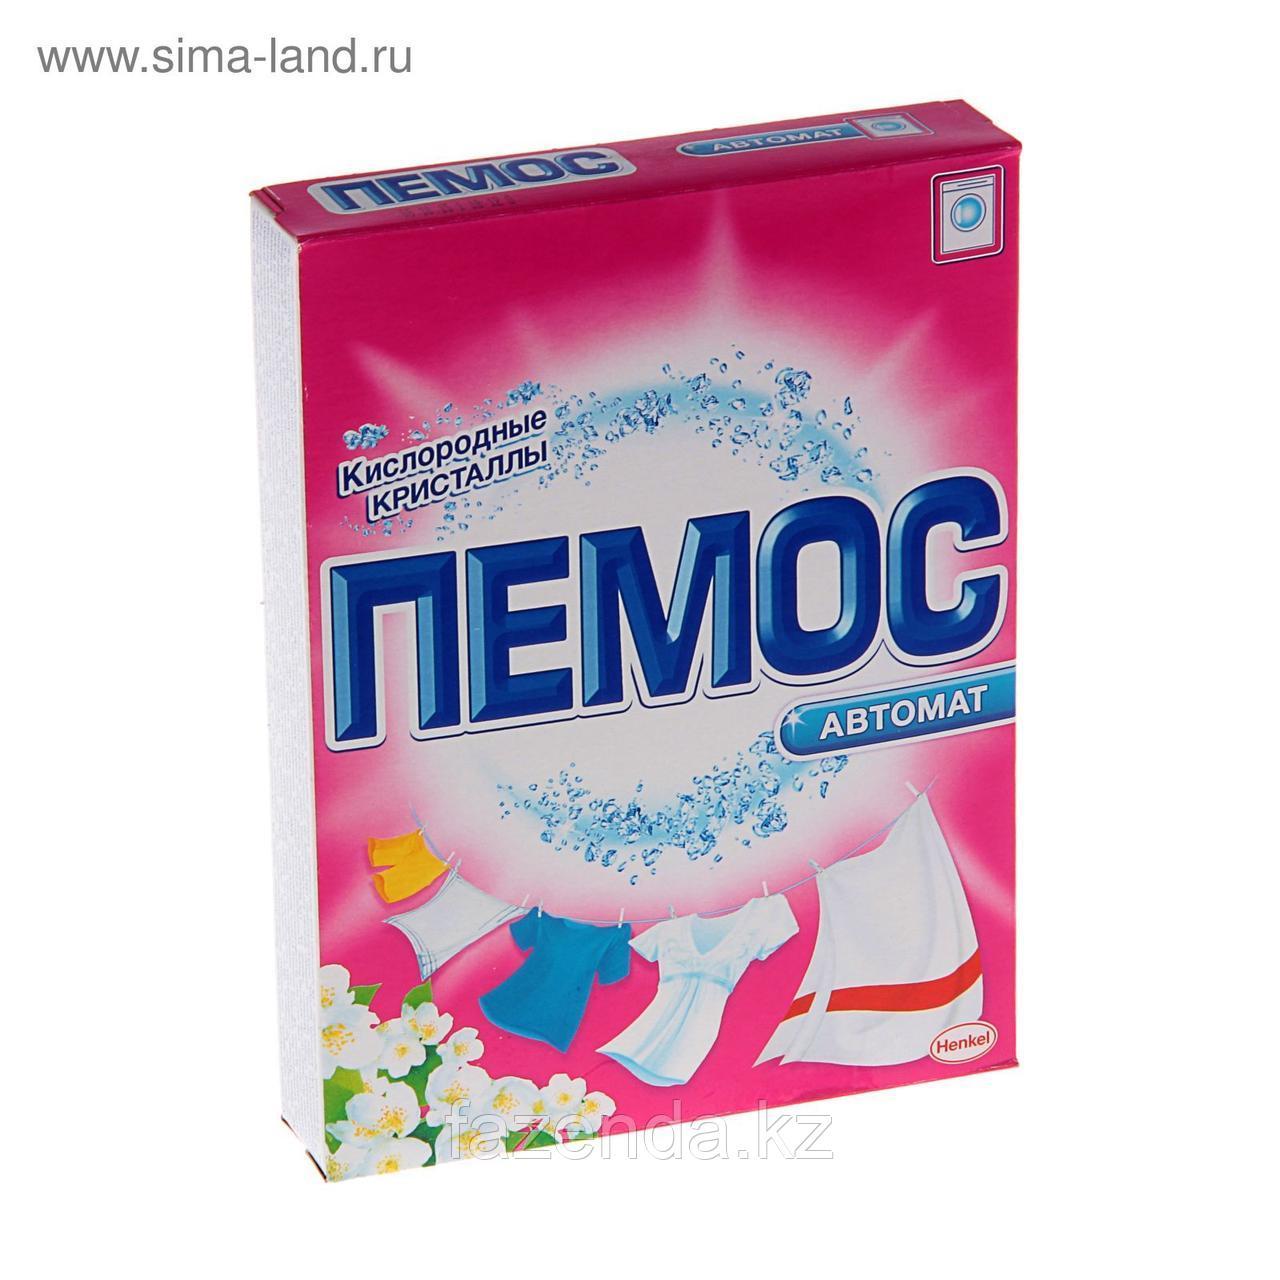 Пемос Автомат 320 гр.